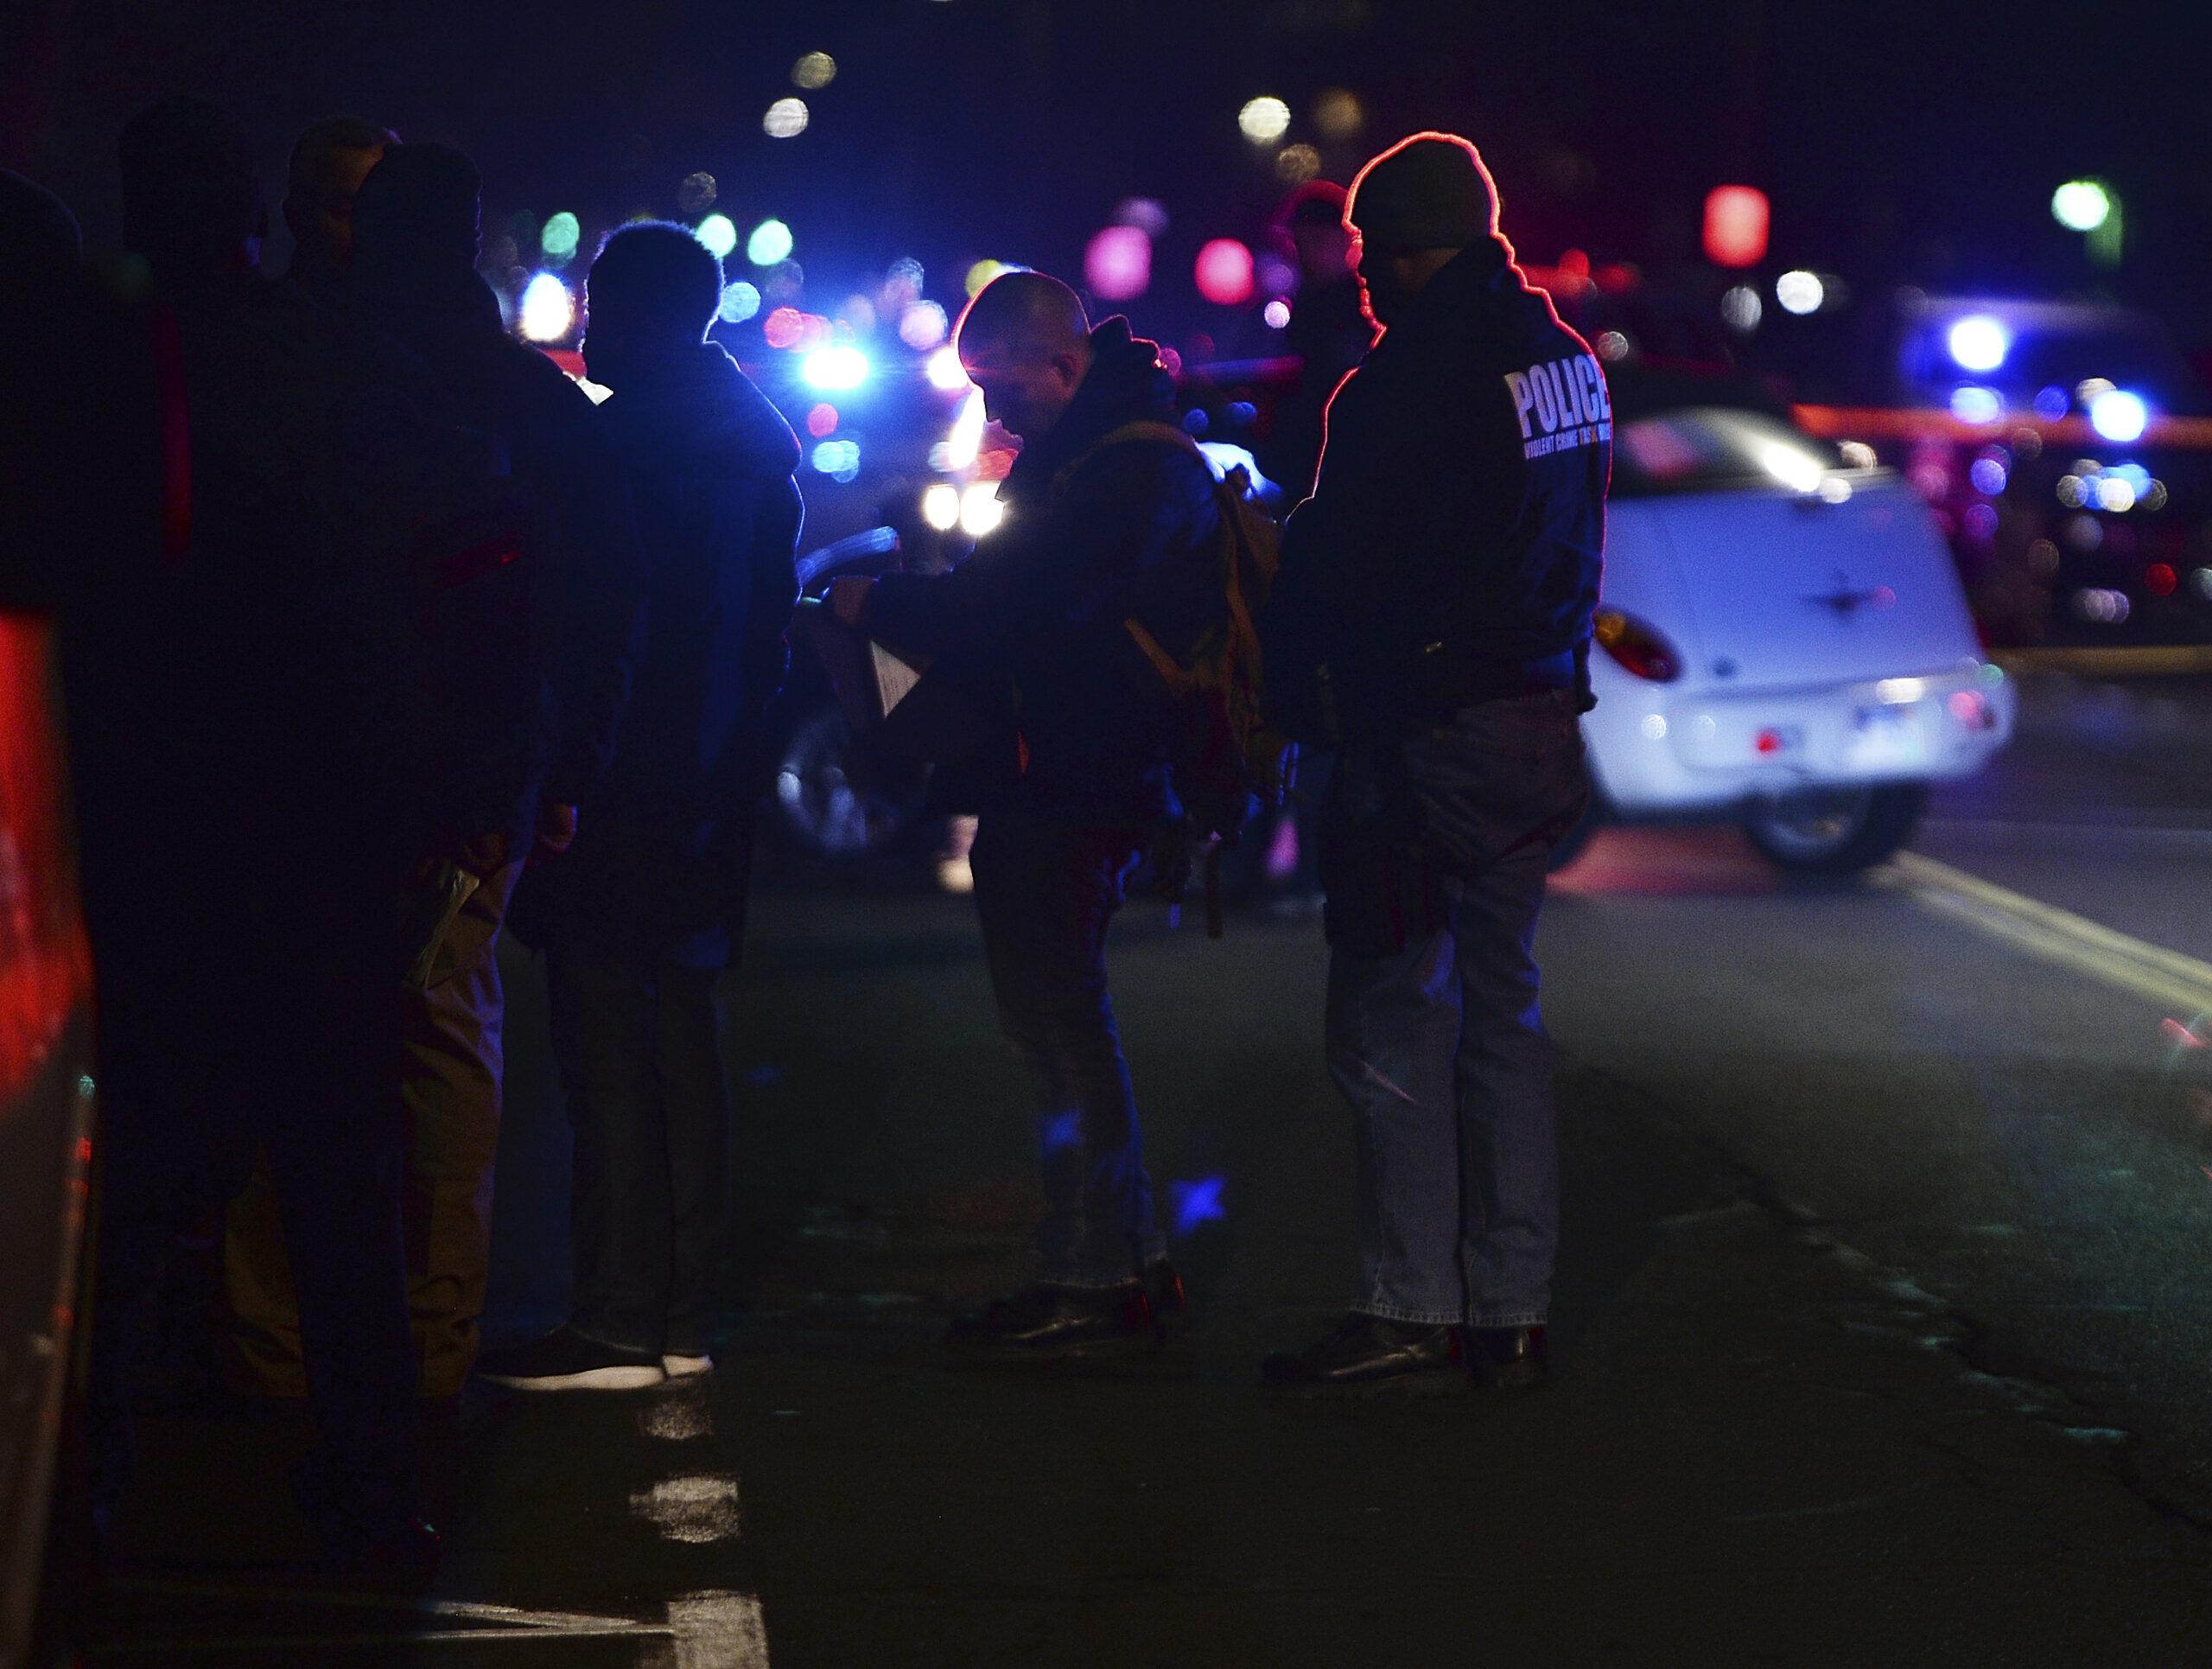 Brenda 24 ore – 29 aksidente, mbi 1,400 tiketa trafiku dhe 22 persona të arrestuar